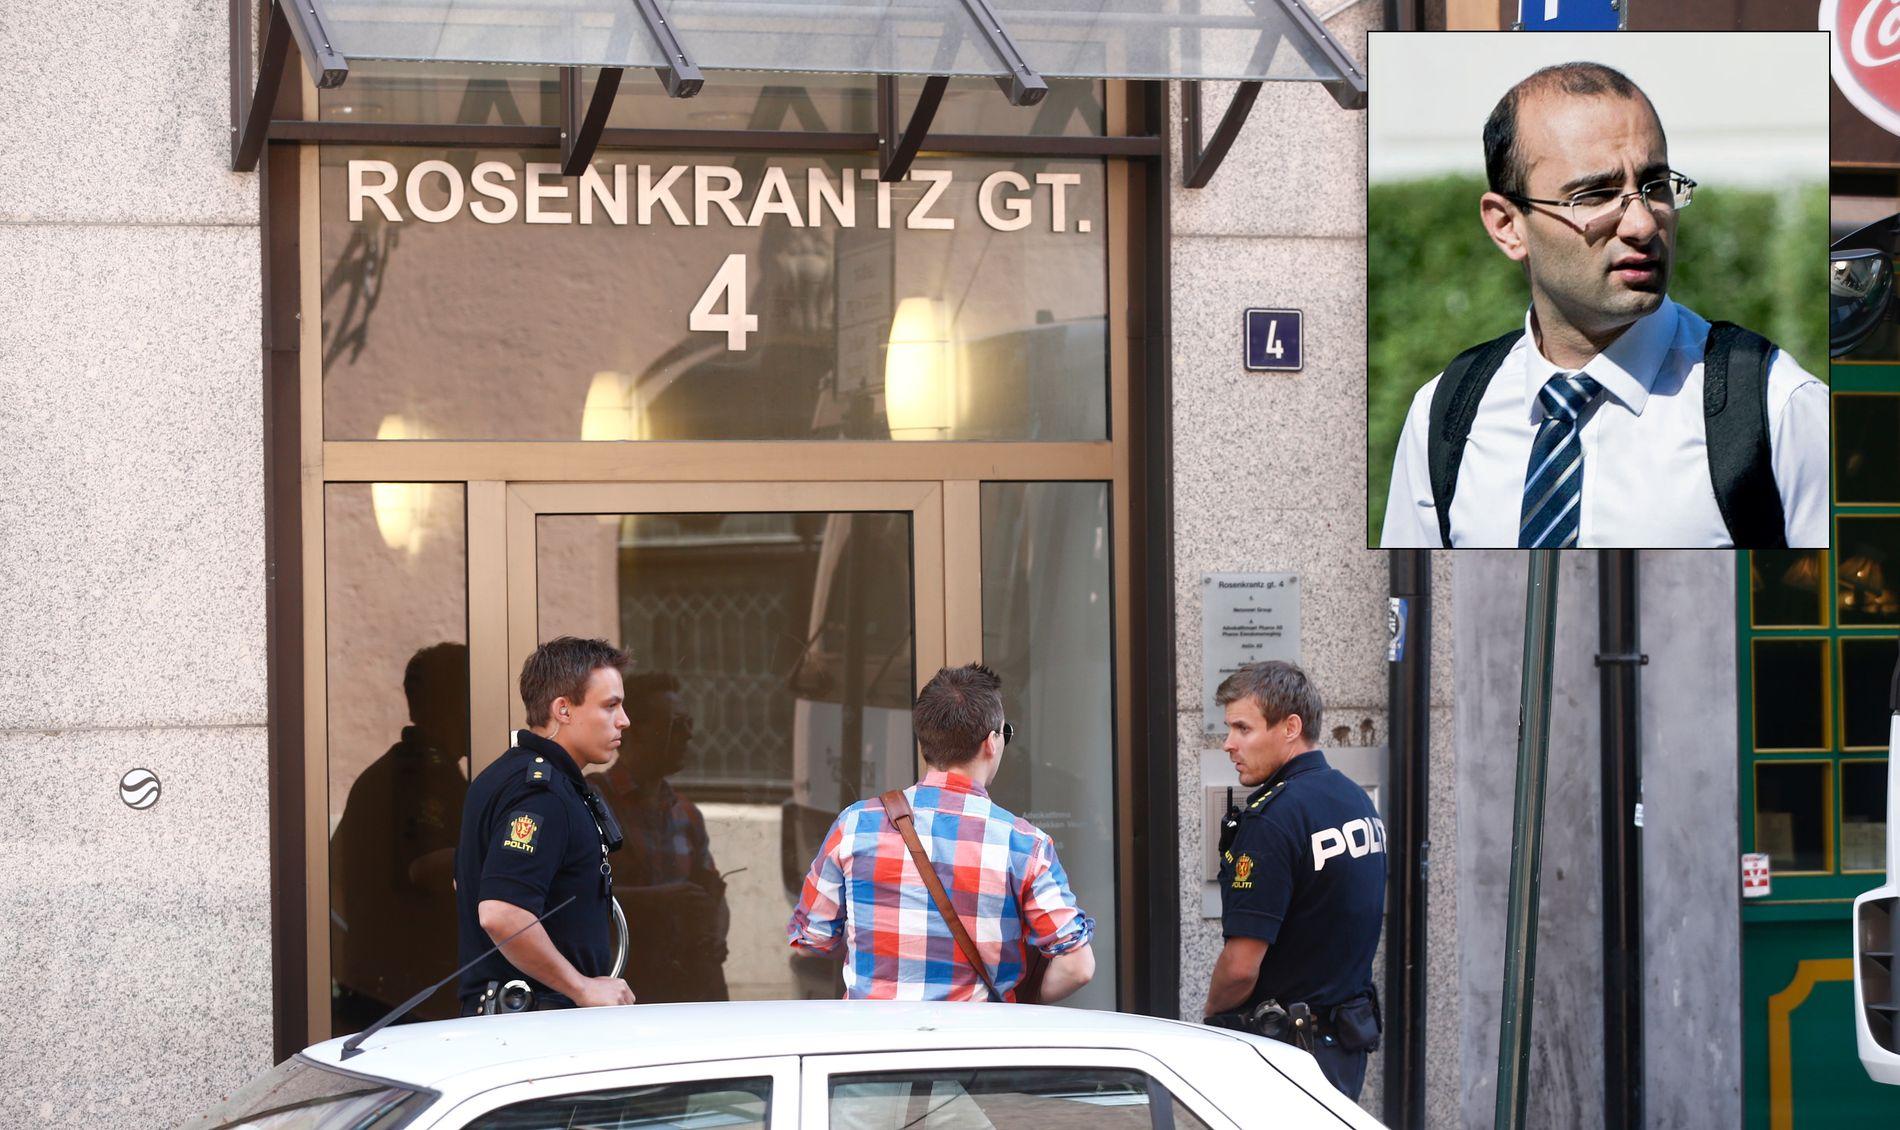 RANSAKET ADVOKATKONTOR: I midten av juni aksjonerte politiet mot Advokatfirmaet Pharos, som Amir Mirmotahari var eier, styreleder og daglig leder av.